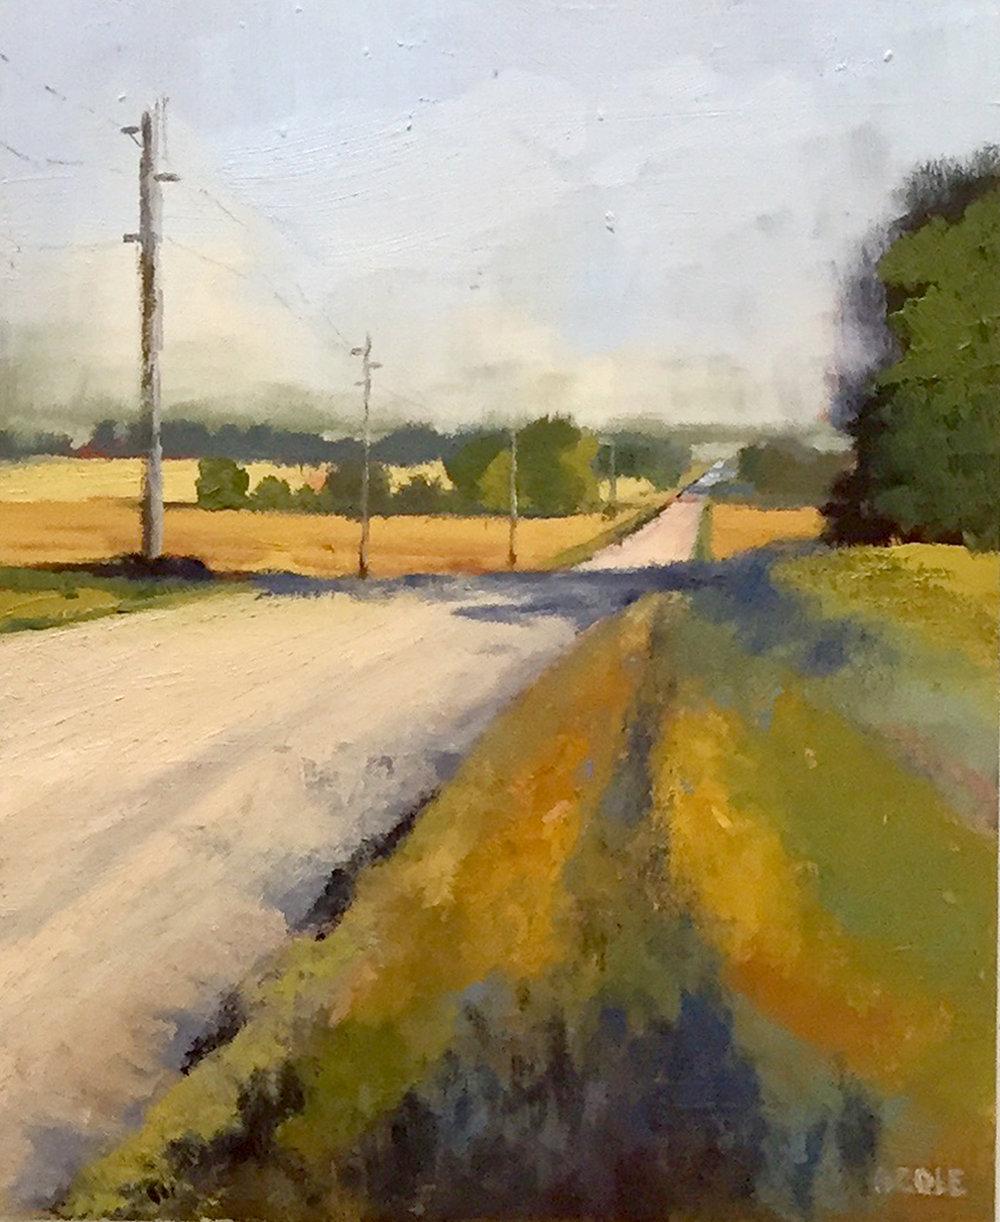 Walking Road North - Oil - 8 x 10